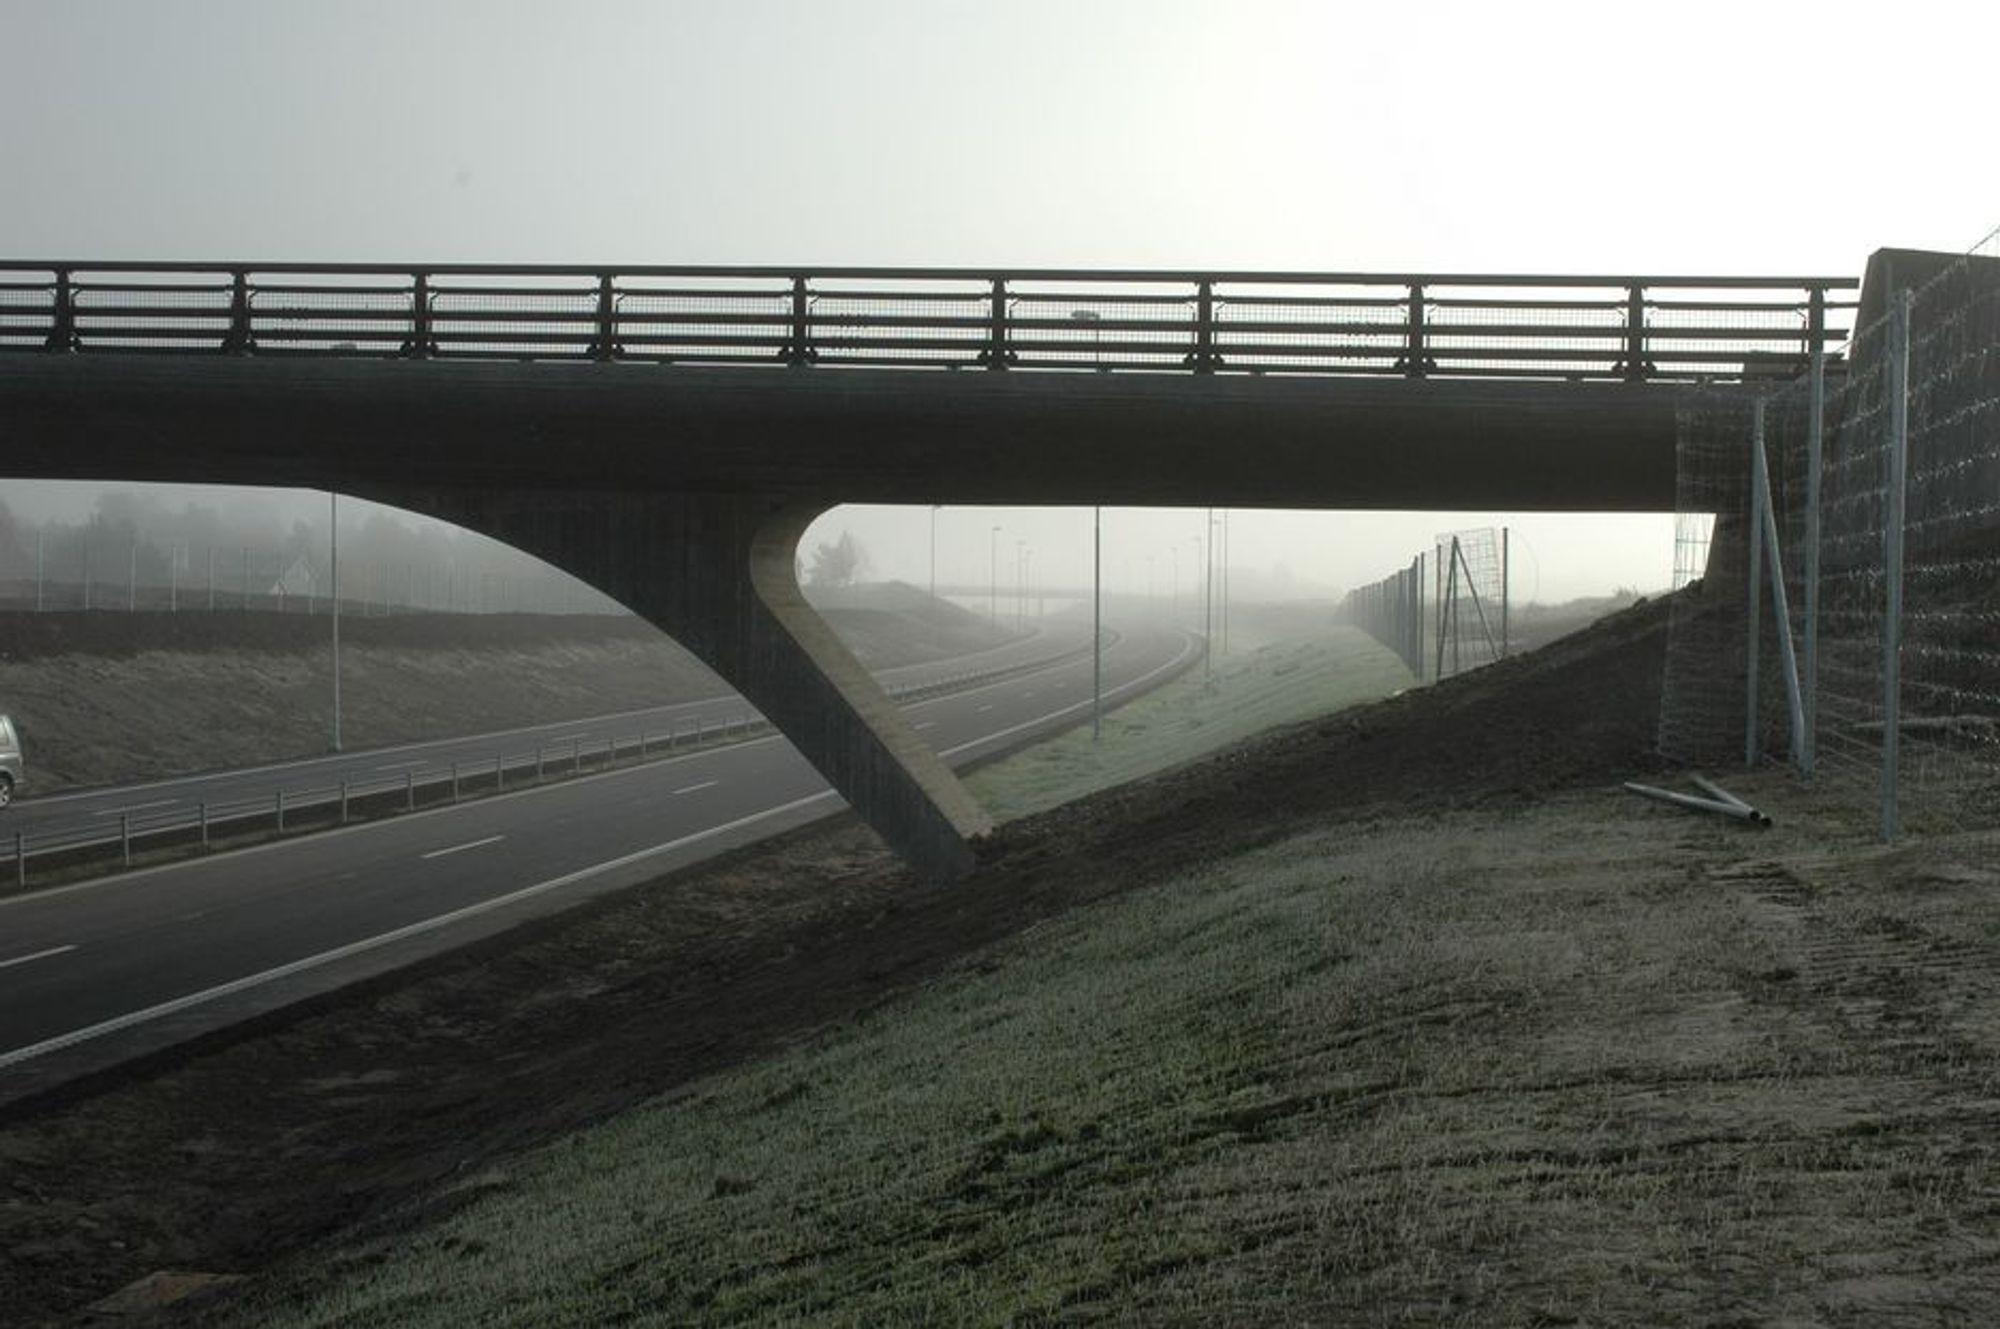 E 18 utenom Askim høsten 2005. Fire overgangsbruer har fått felle og harmonisk design, i tråd med det som vil bli gjort på alle E18-parsellene i Østfold.